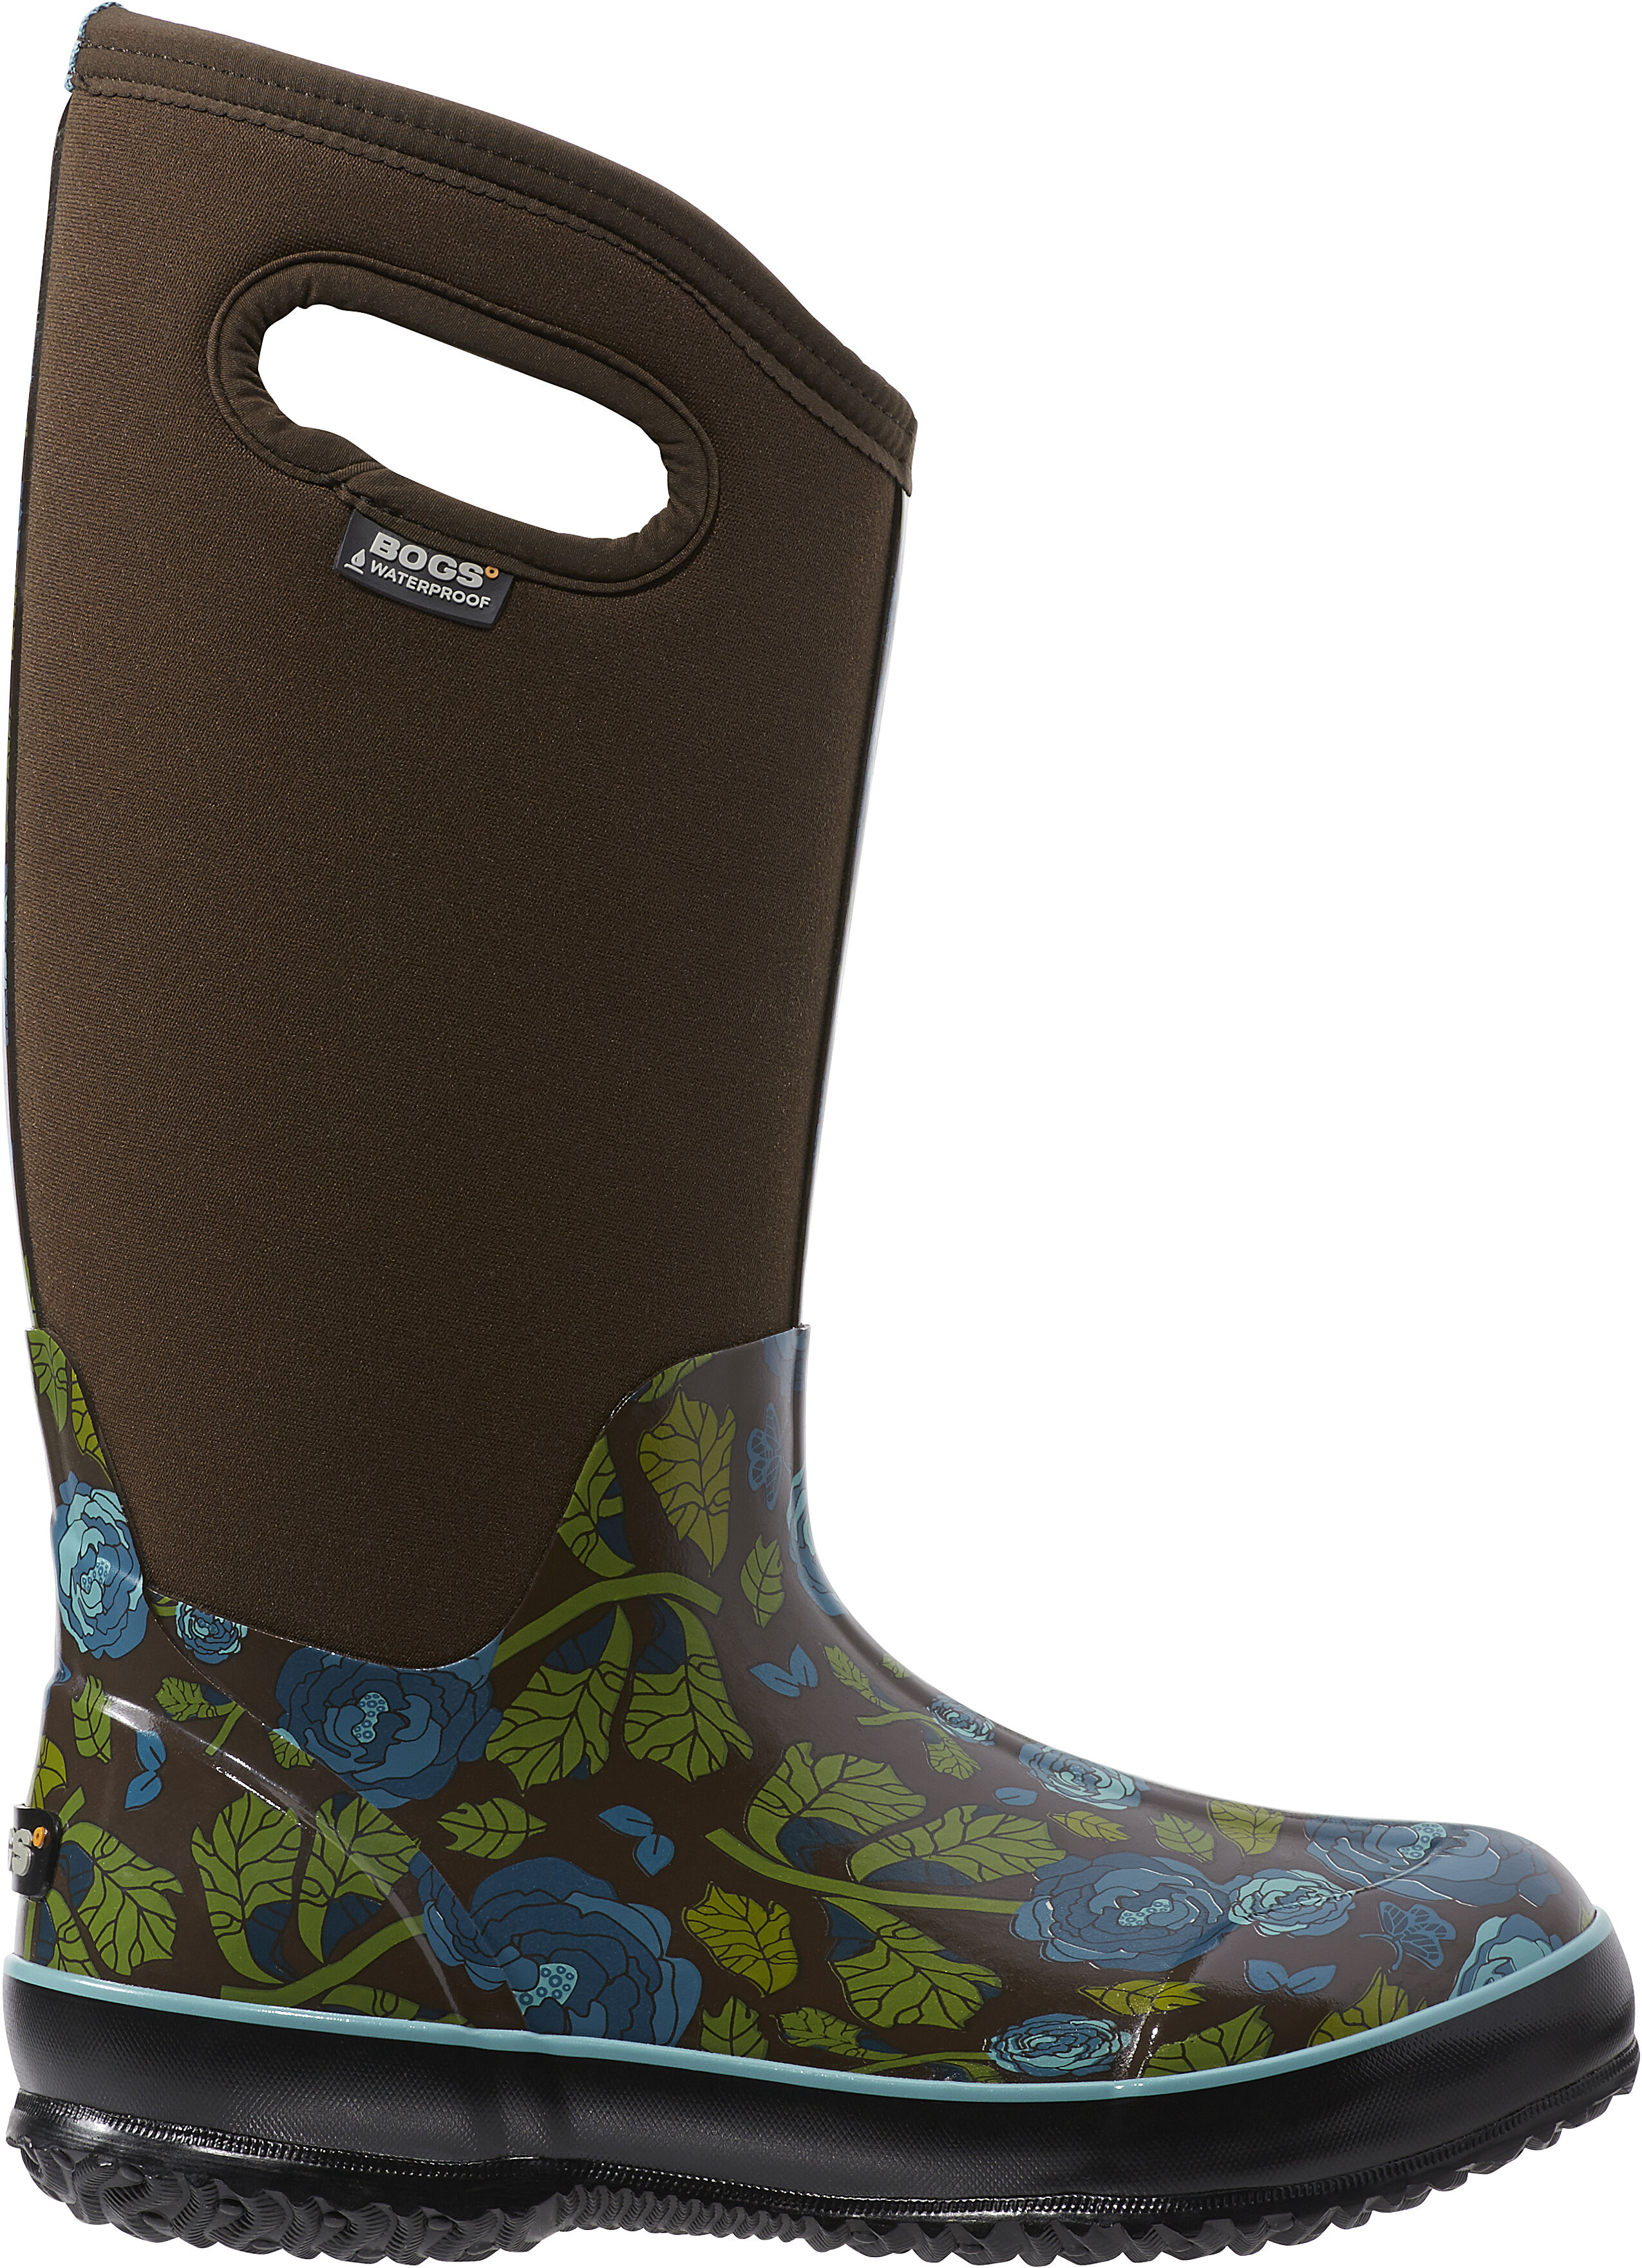 Women&39s Harper Ankle Boots by Bogs | Gardeners.com